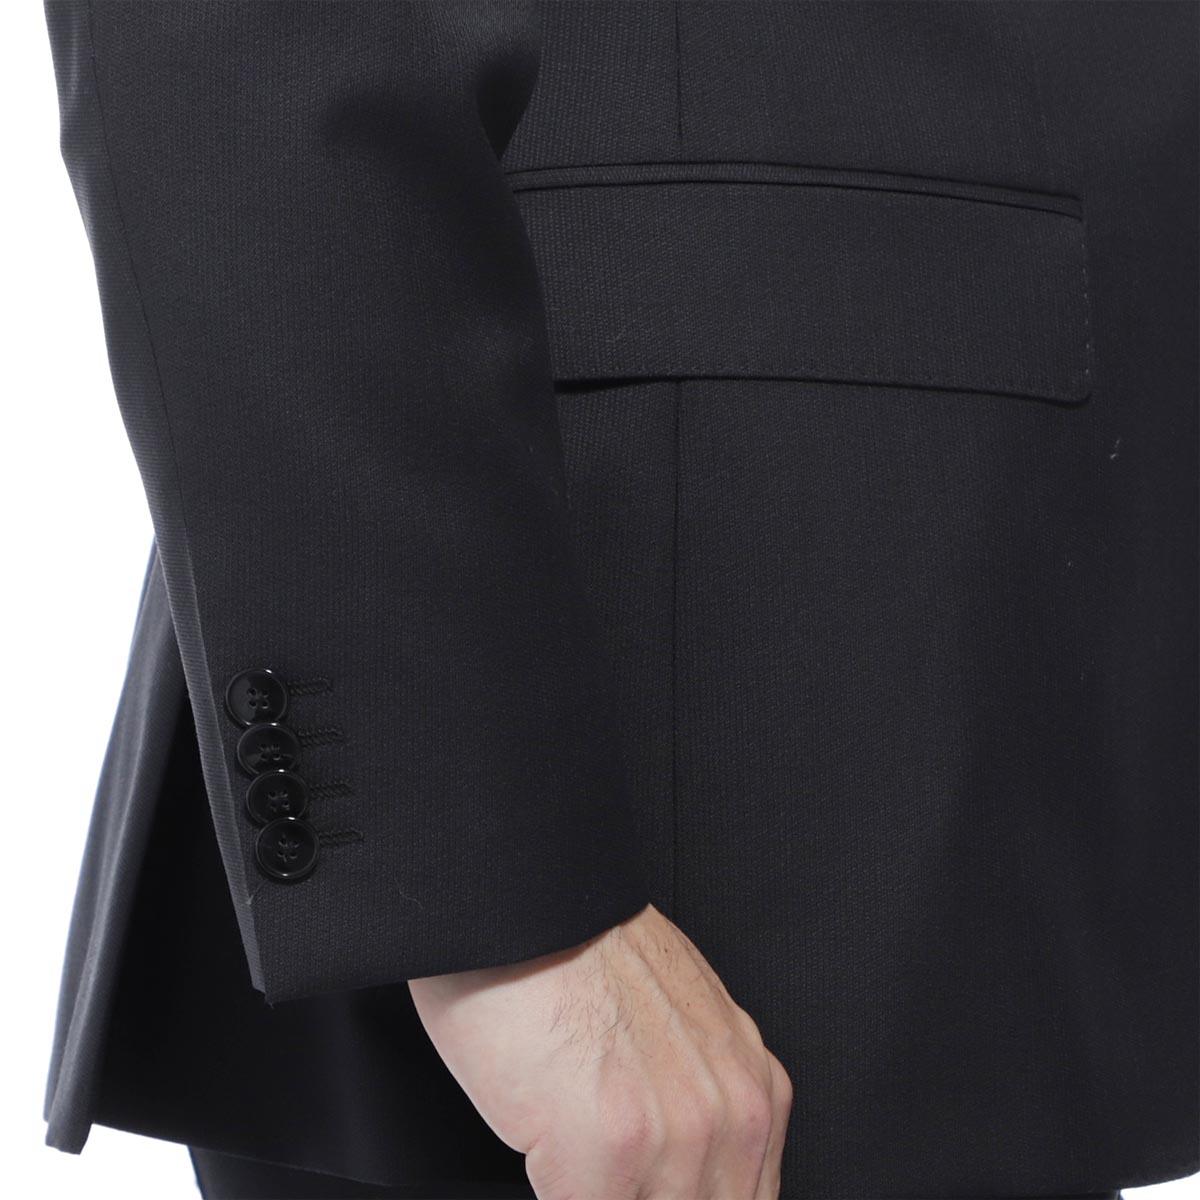 【アウトレット】HUGO HUGOBOSS ヒューゴヒューゴボス 2つボタンスーツ/JEFFRY/SIMMONS 182 REGULAR FIT レギュラーフィット【大きいサイズあり】 メンズ